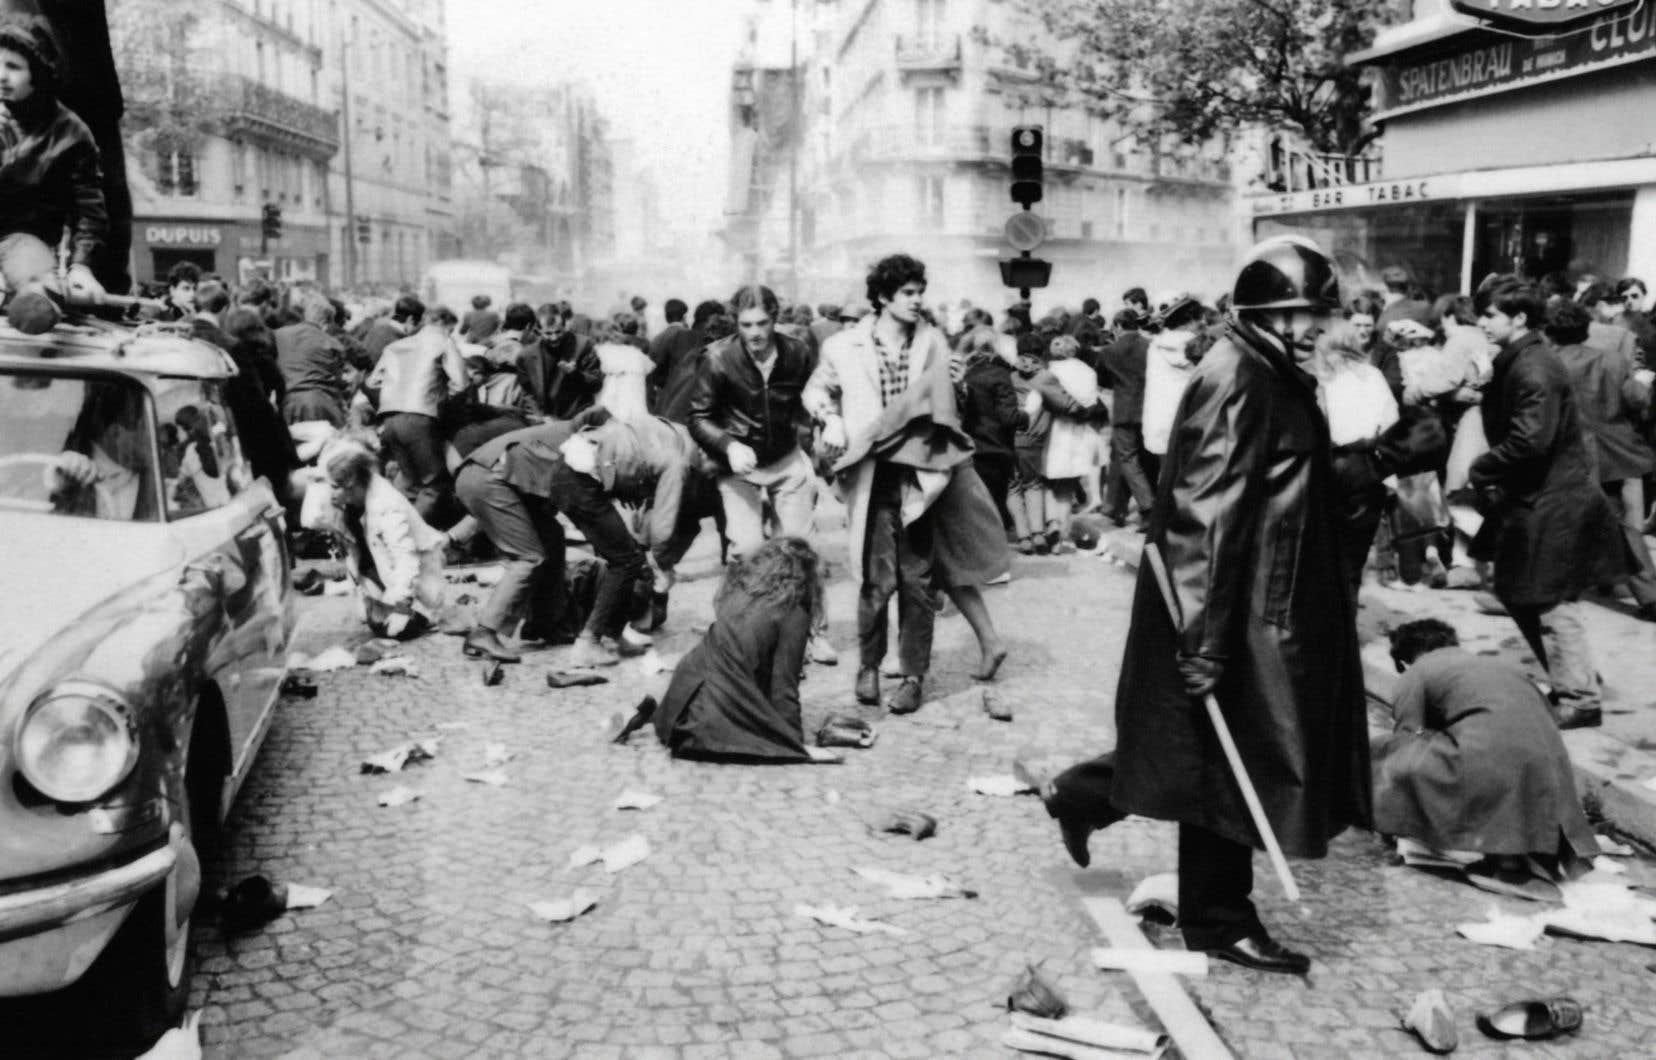 Des policiers manient la matraque rue Saint-Jacques, à Paris, lors des heurts entre les manifestants et les forces de l'ordre qui bouclaient le Quartier latin le 6 mai 1968, pendant les événements de mai-juin 1968.